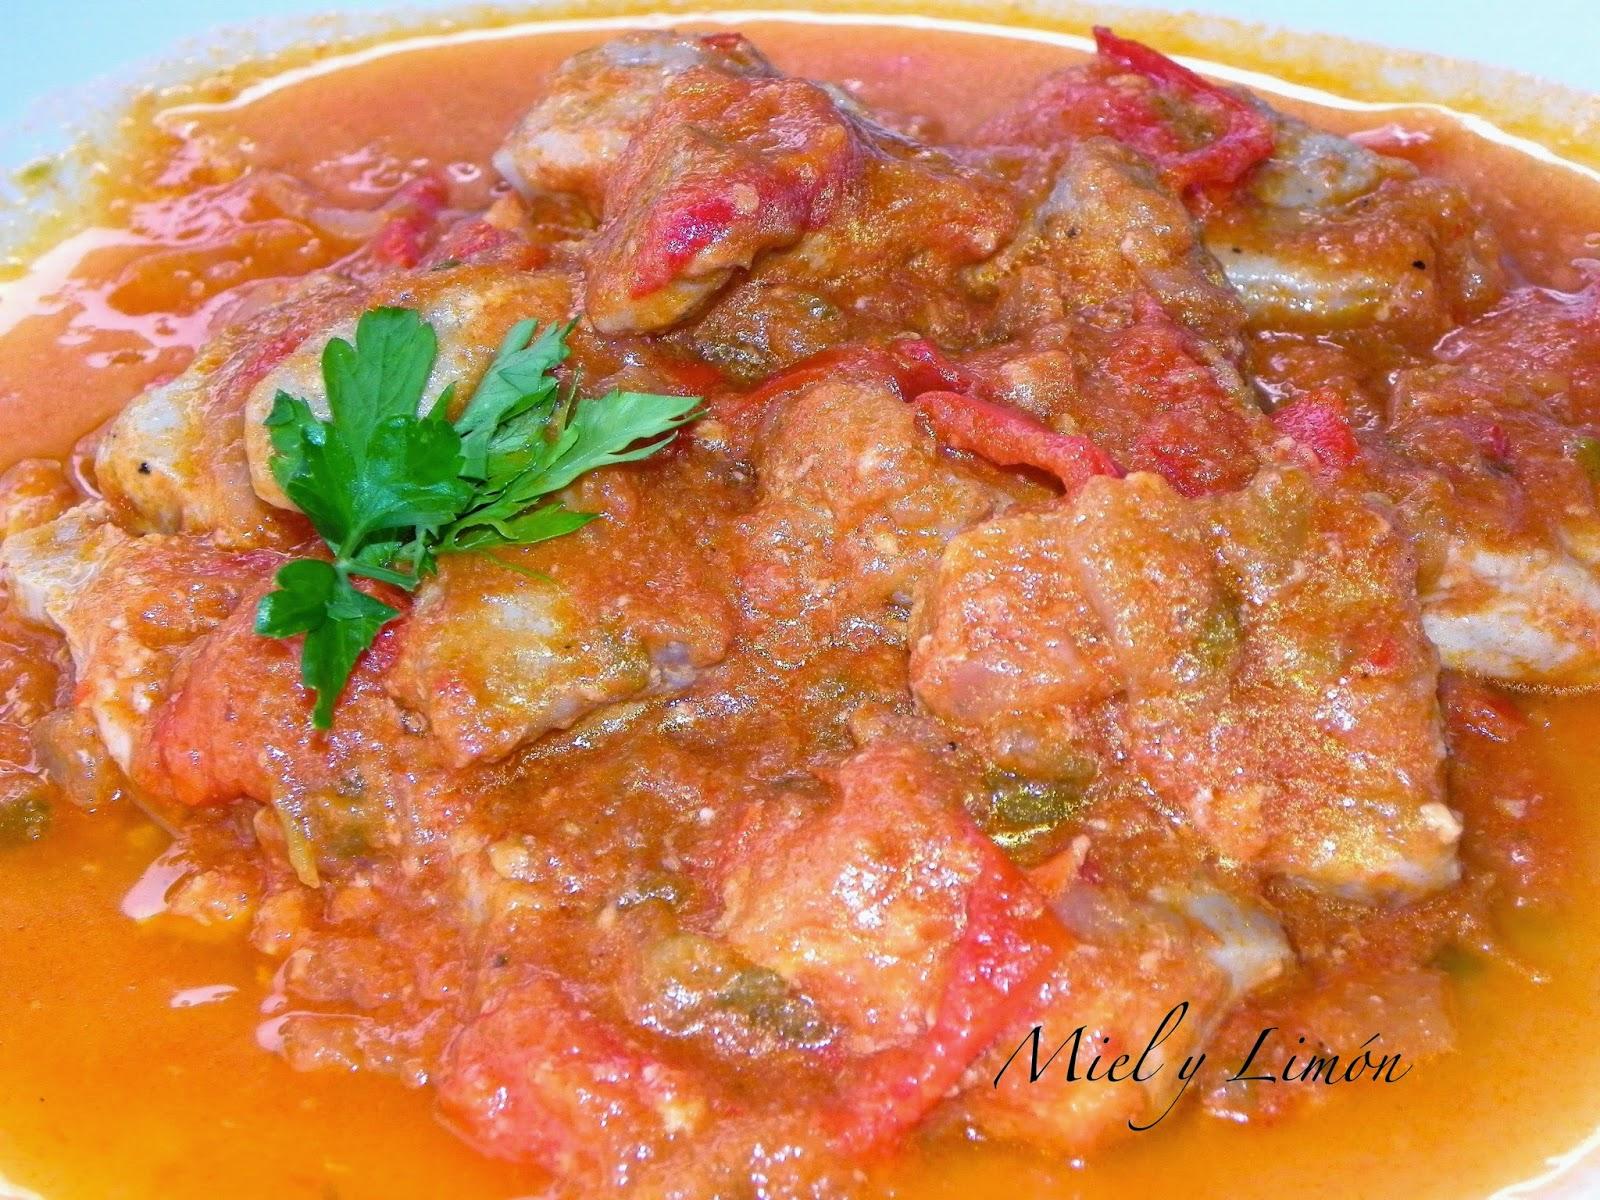 At n con tomate y pimientos 9 sp raci n - Cocinar atun congelado ...